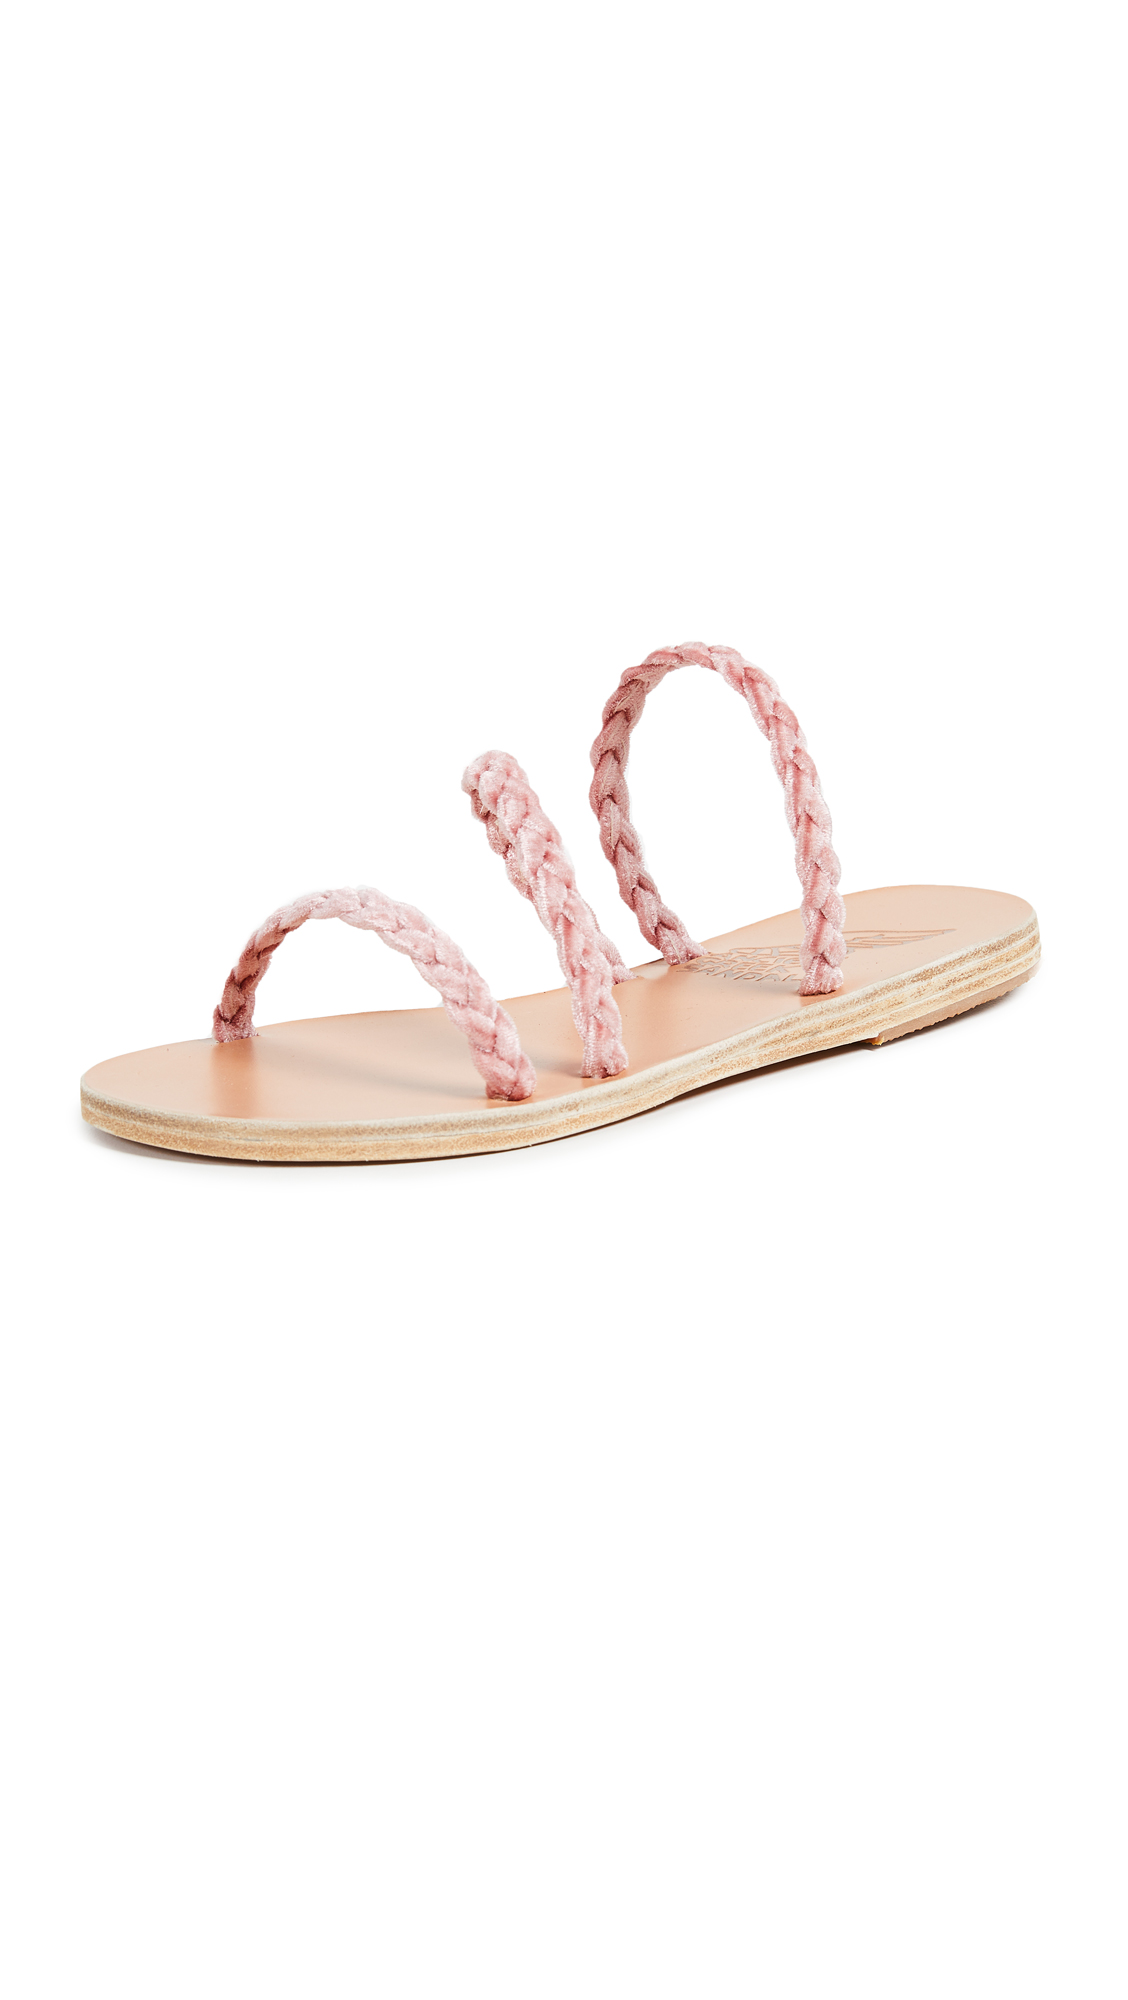 Ancient Greek Sandals Alkimini Sandals - Dusty Pink